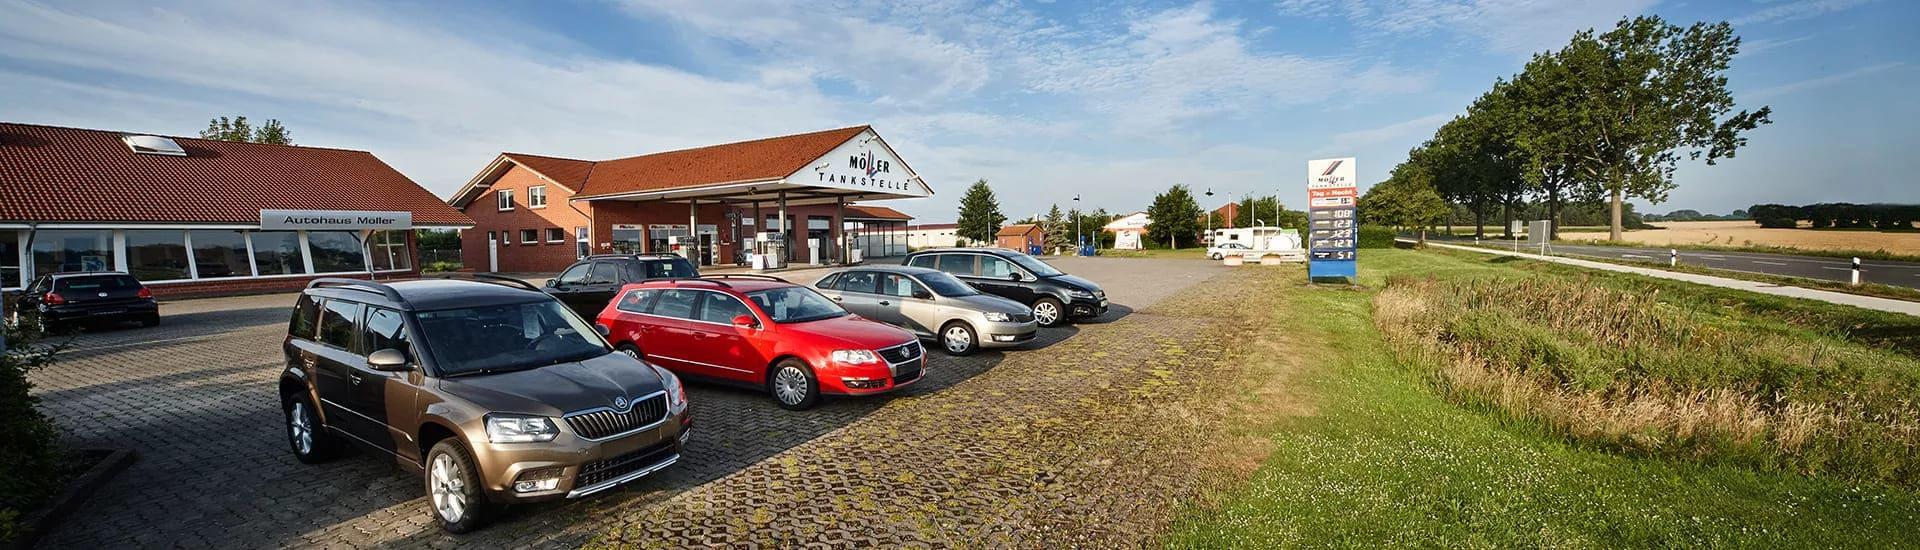 Günstiger Reimport EU-Fahrzeuge in Niedersachsen - Autohaus Möller